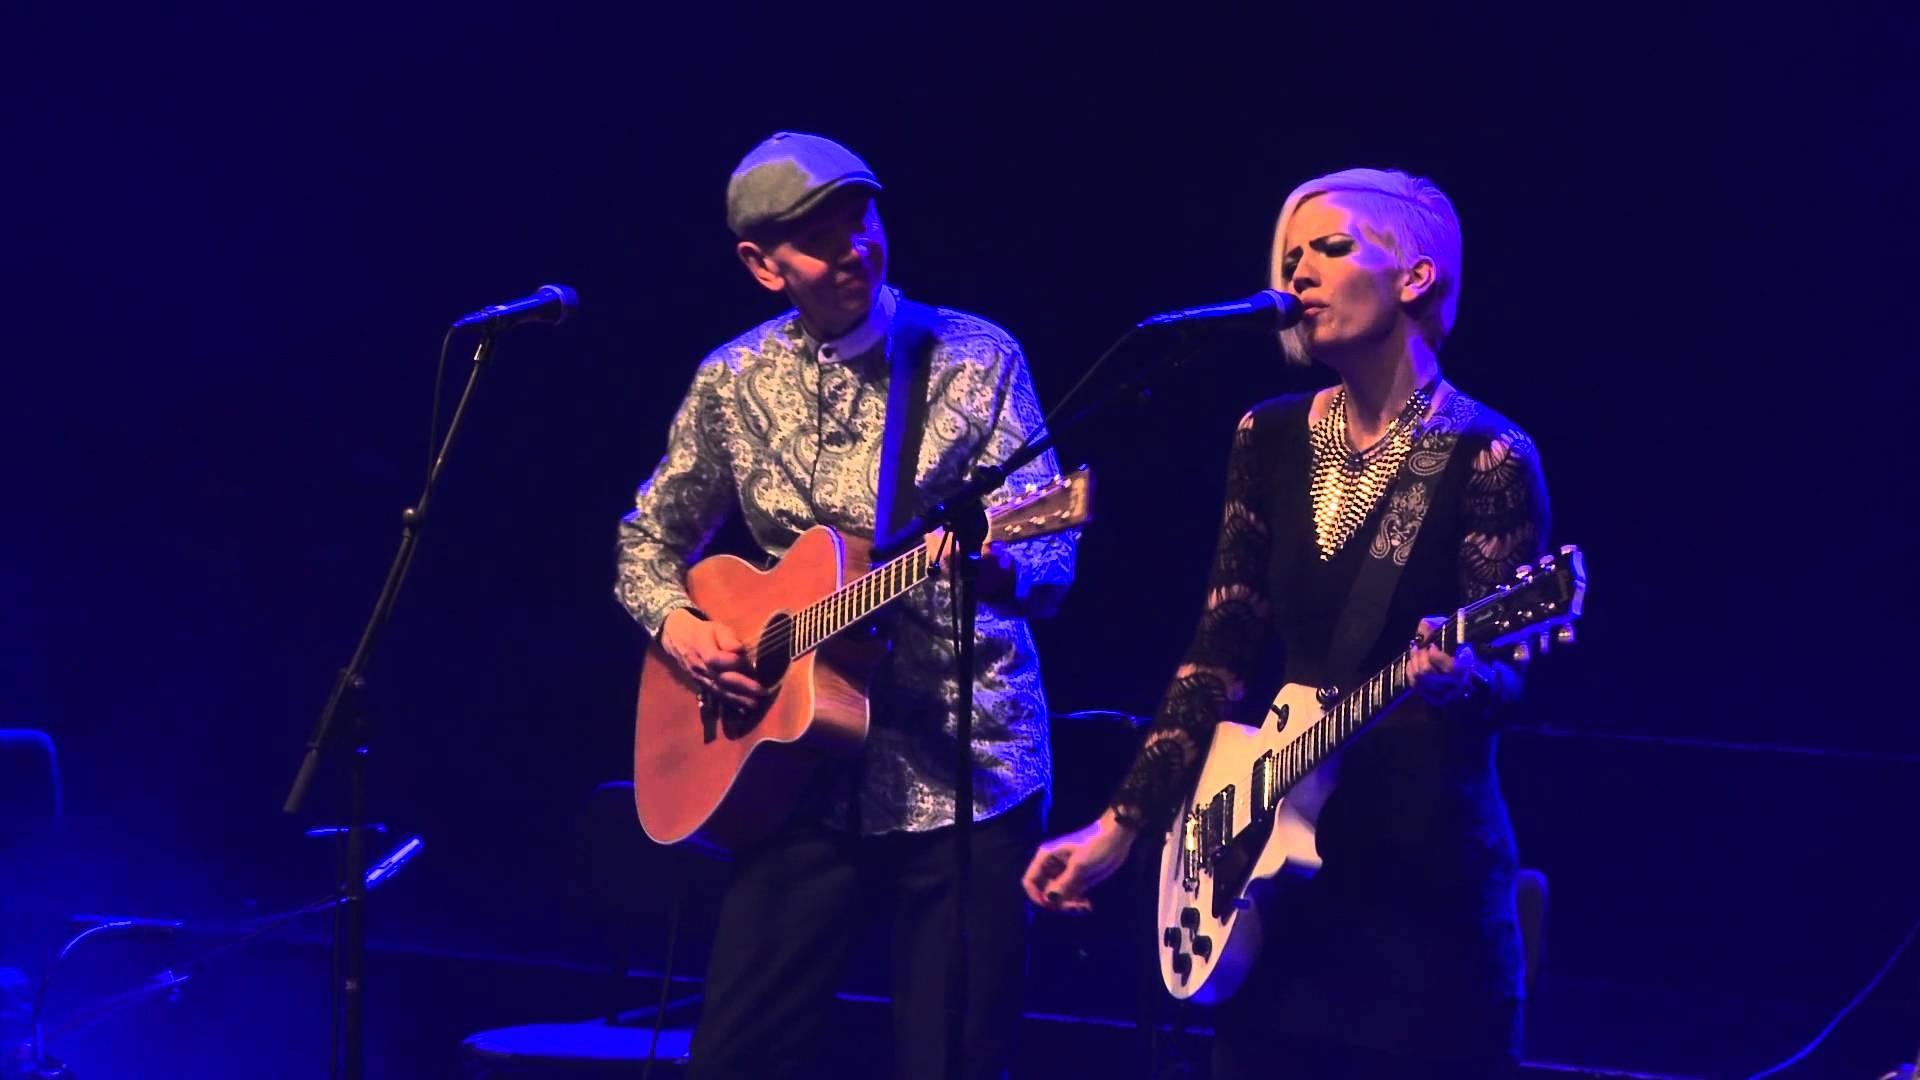 Björn Thoroddsen and Bíbí, last year at the Reykjavik Guitarama 2015